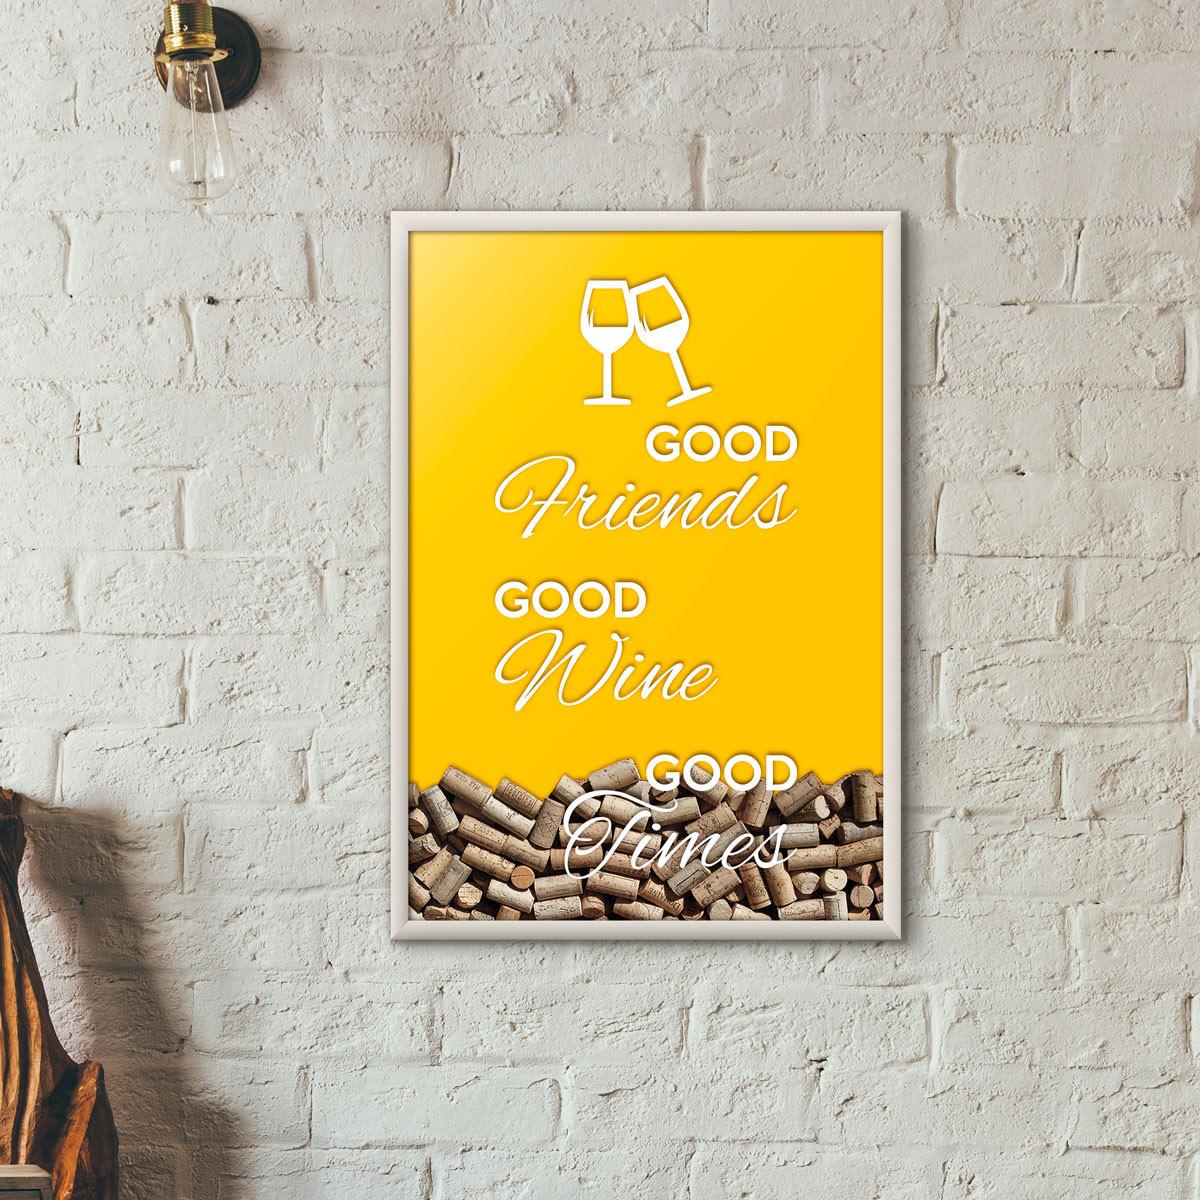 """Quadro Porta Rolhas de Vinho - """"Good Friends Good Wine Good Times"""" Amarelo"""